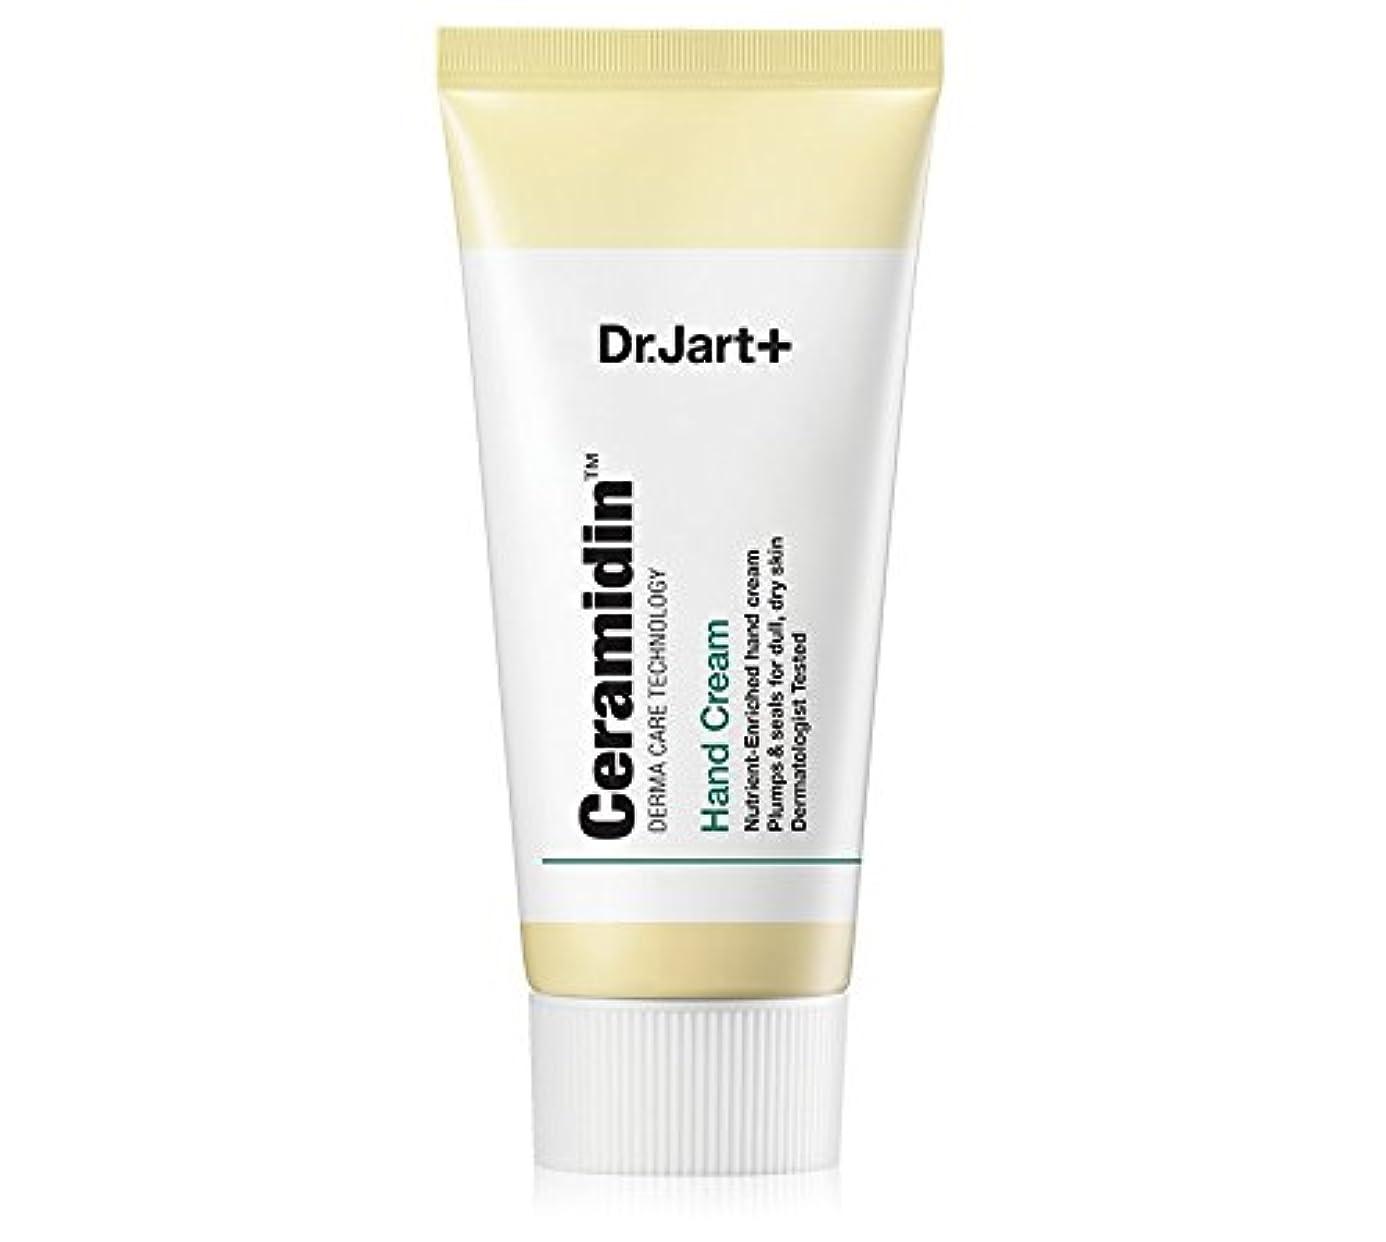 等々ブリードマイルストーン[Dr.Jart+] セラマイディンハンドクリーム / Ceramidin Hand Cream 50ml [並行輸入品]